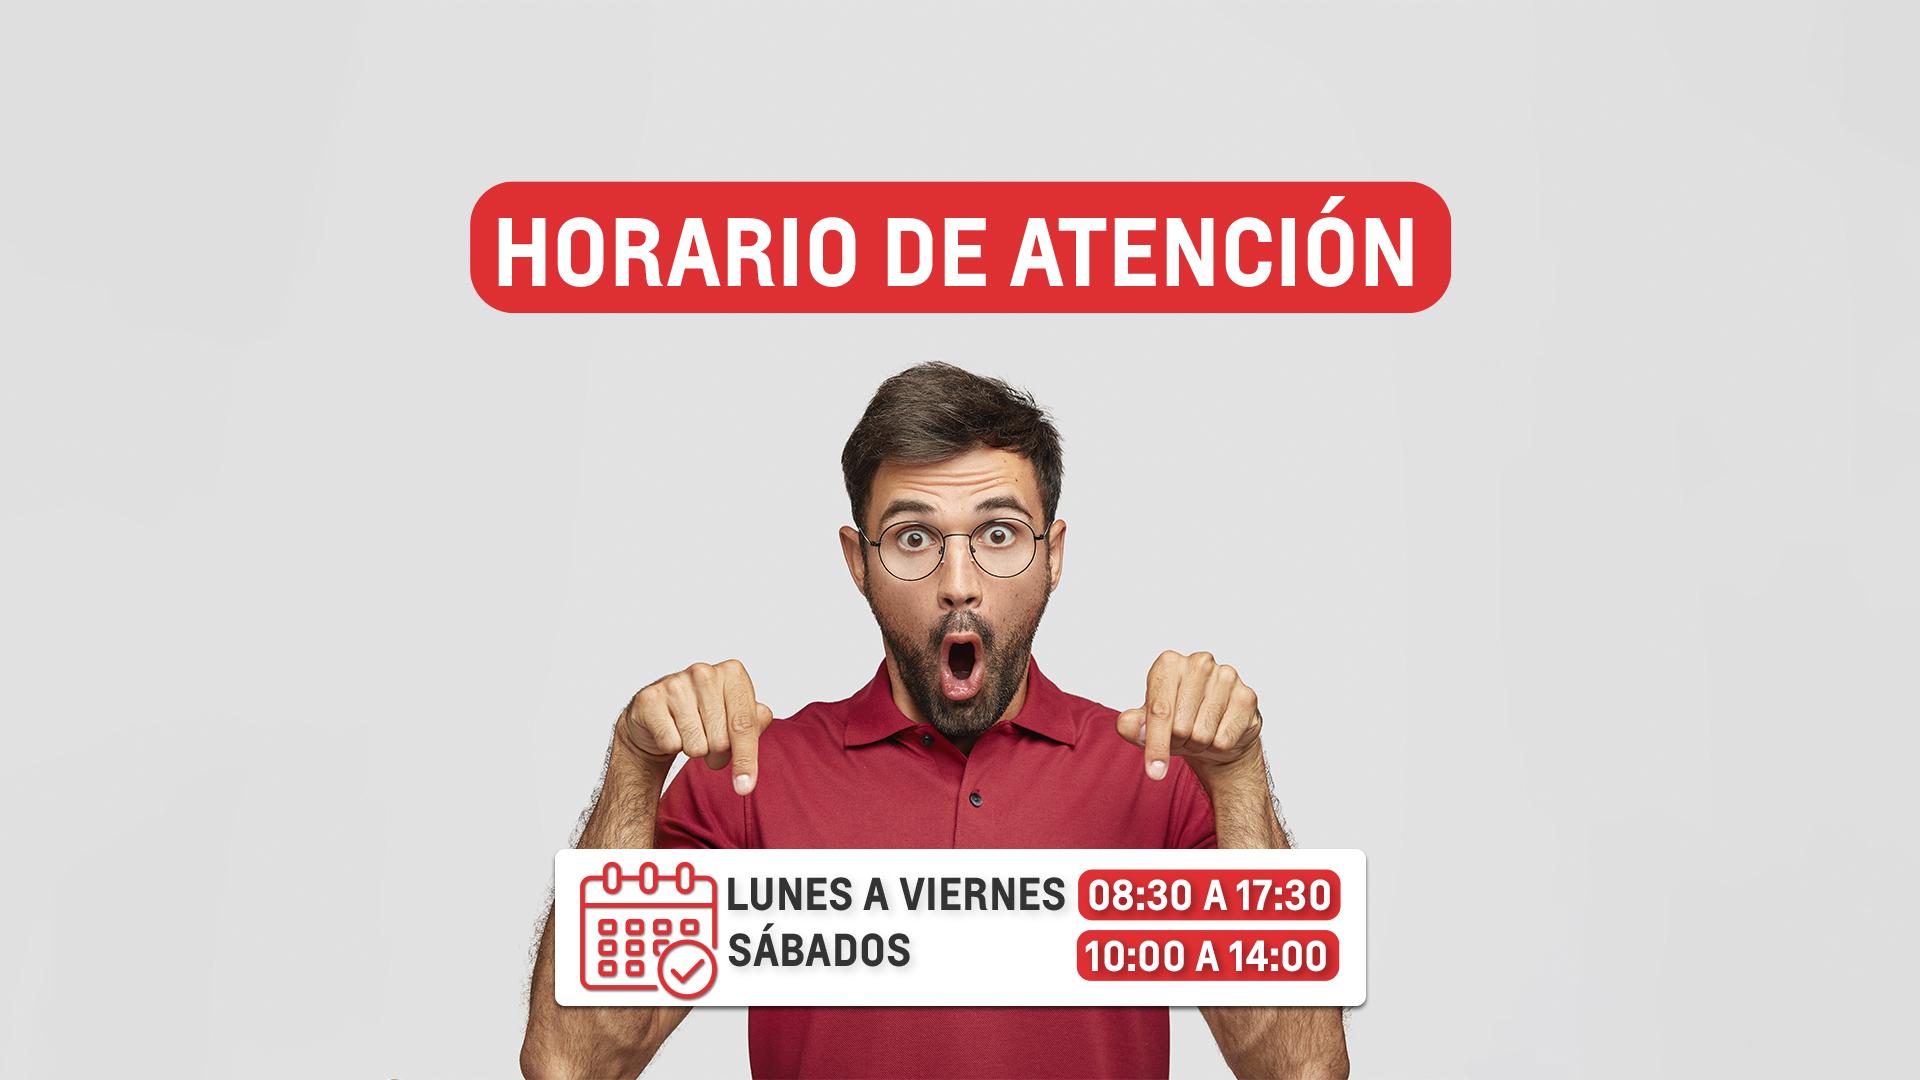 HORARIO DE ATENCIÓN BANNER WEB